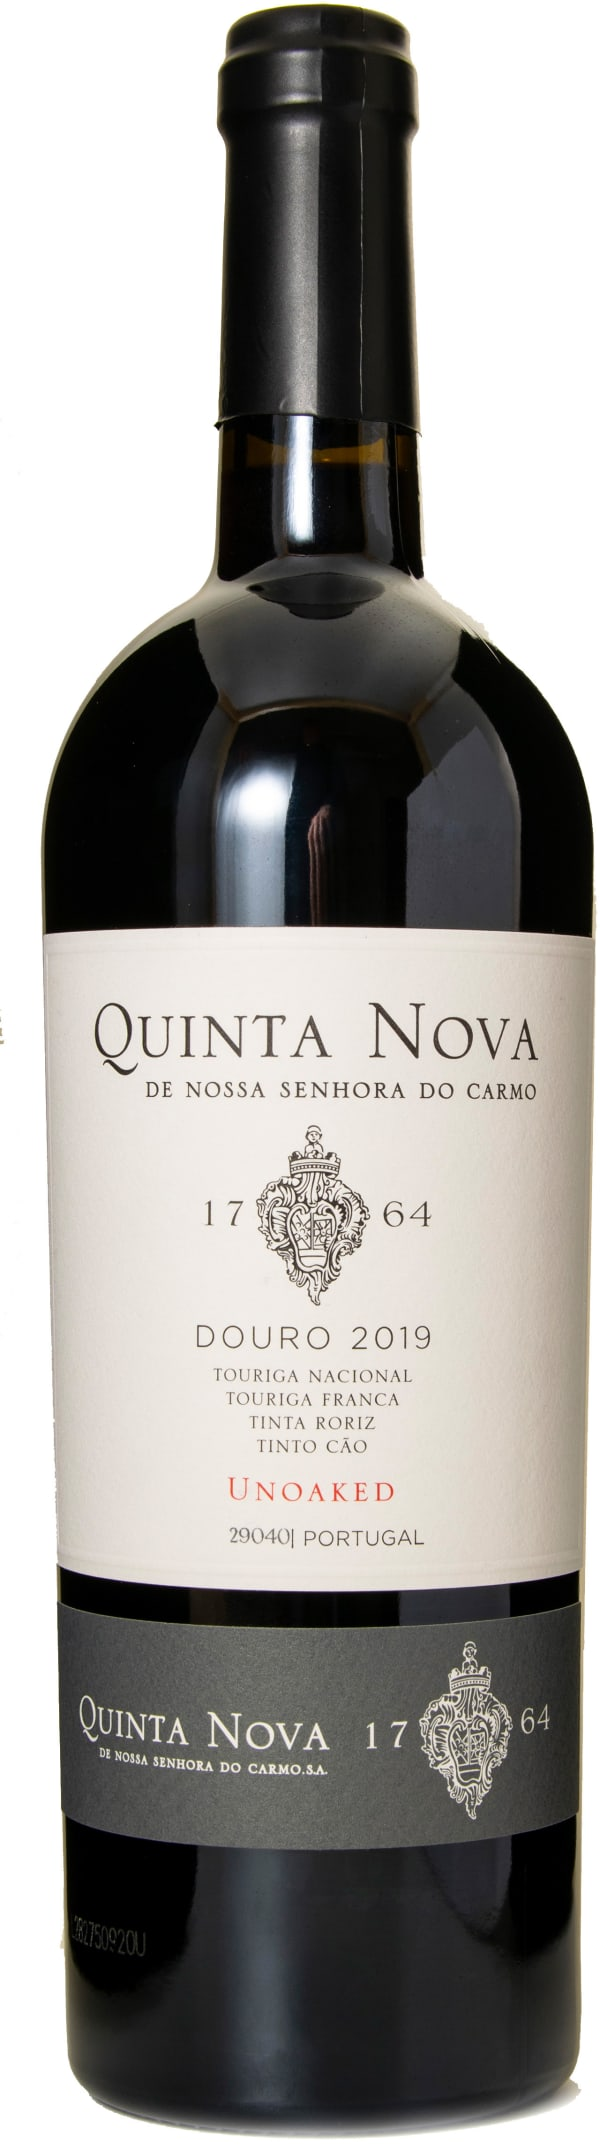 Quinta Nova Unoaked 2016